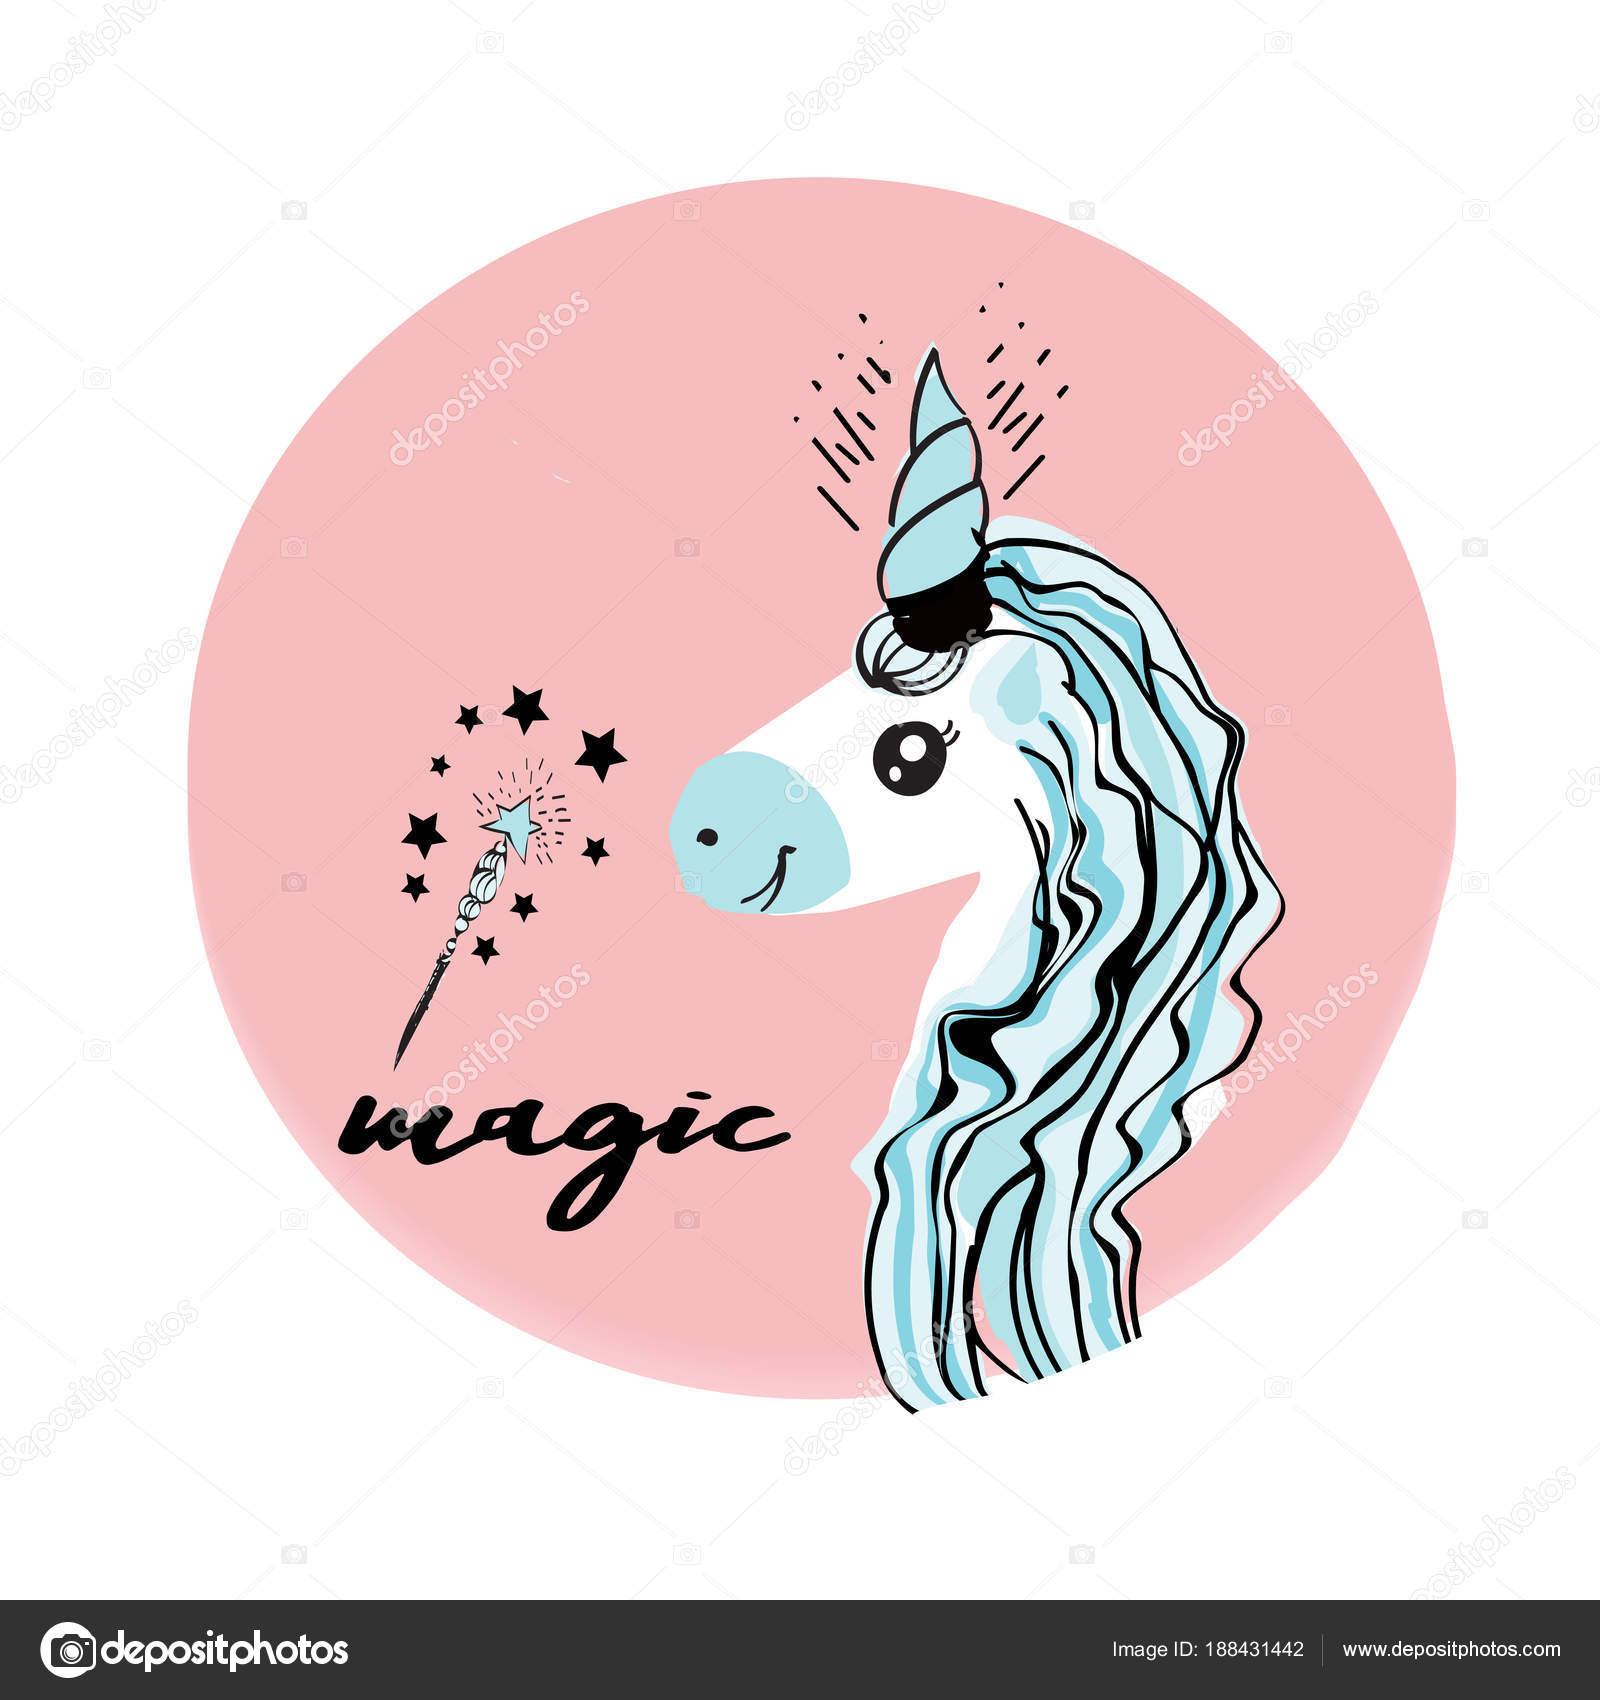 Unicornios son reales cotización, ilustración vectorial de dibujo ...